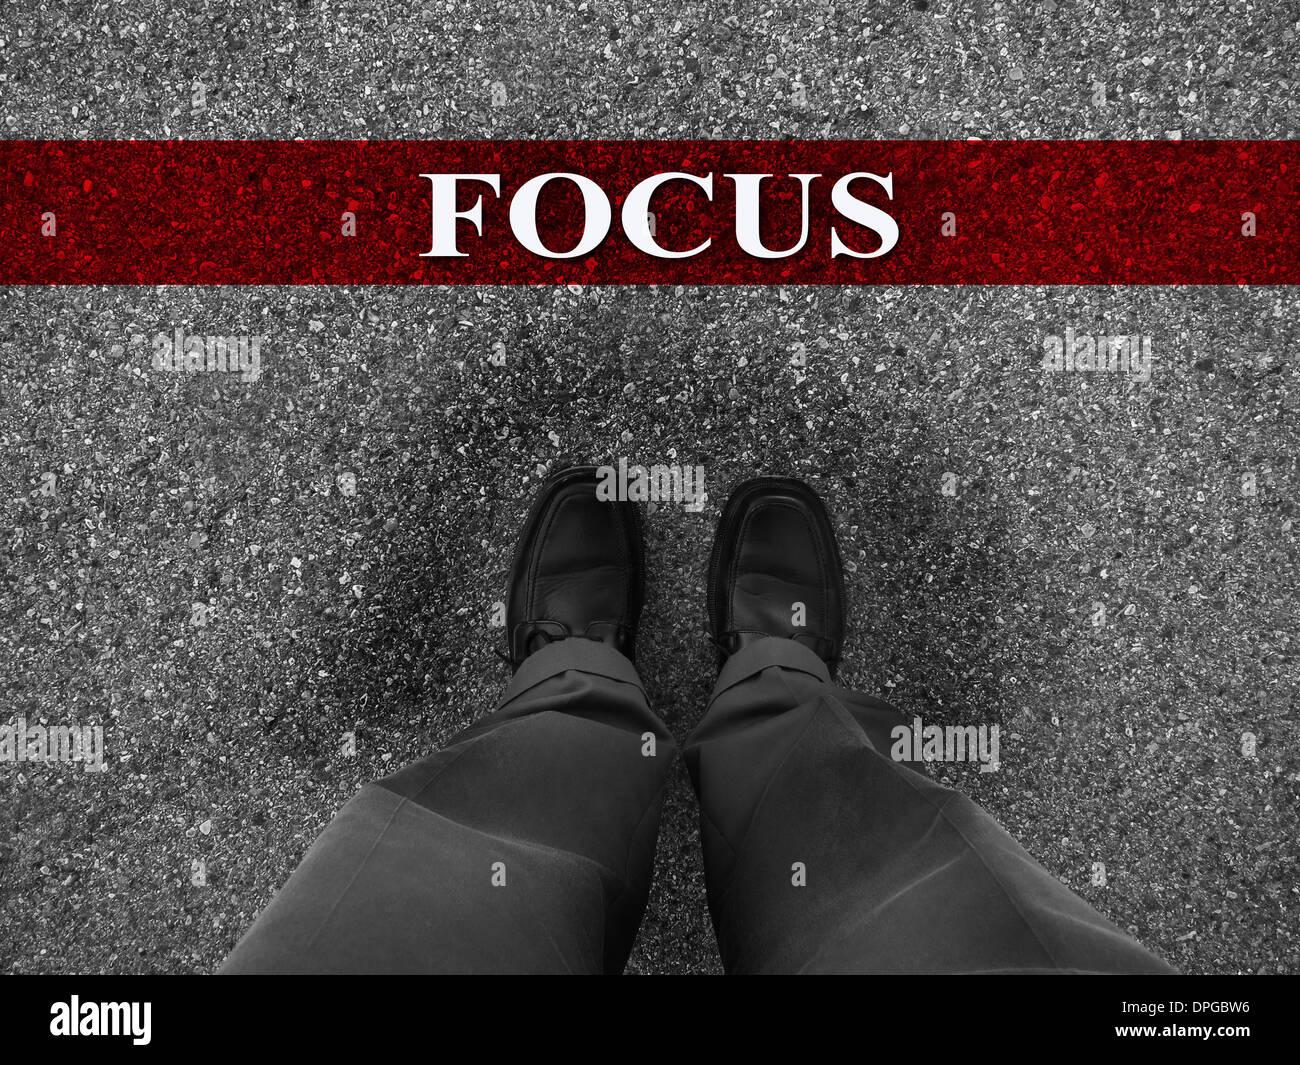 Geschäftsmann, stehend auf Asphalt Startlinie mit Motivation Wort des Fokus Stockbild